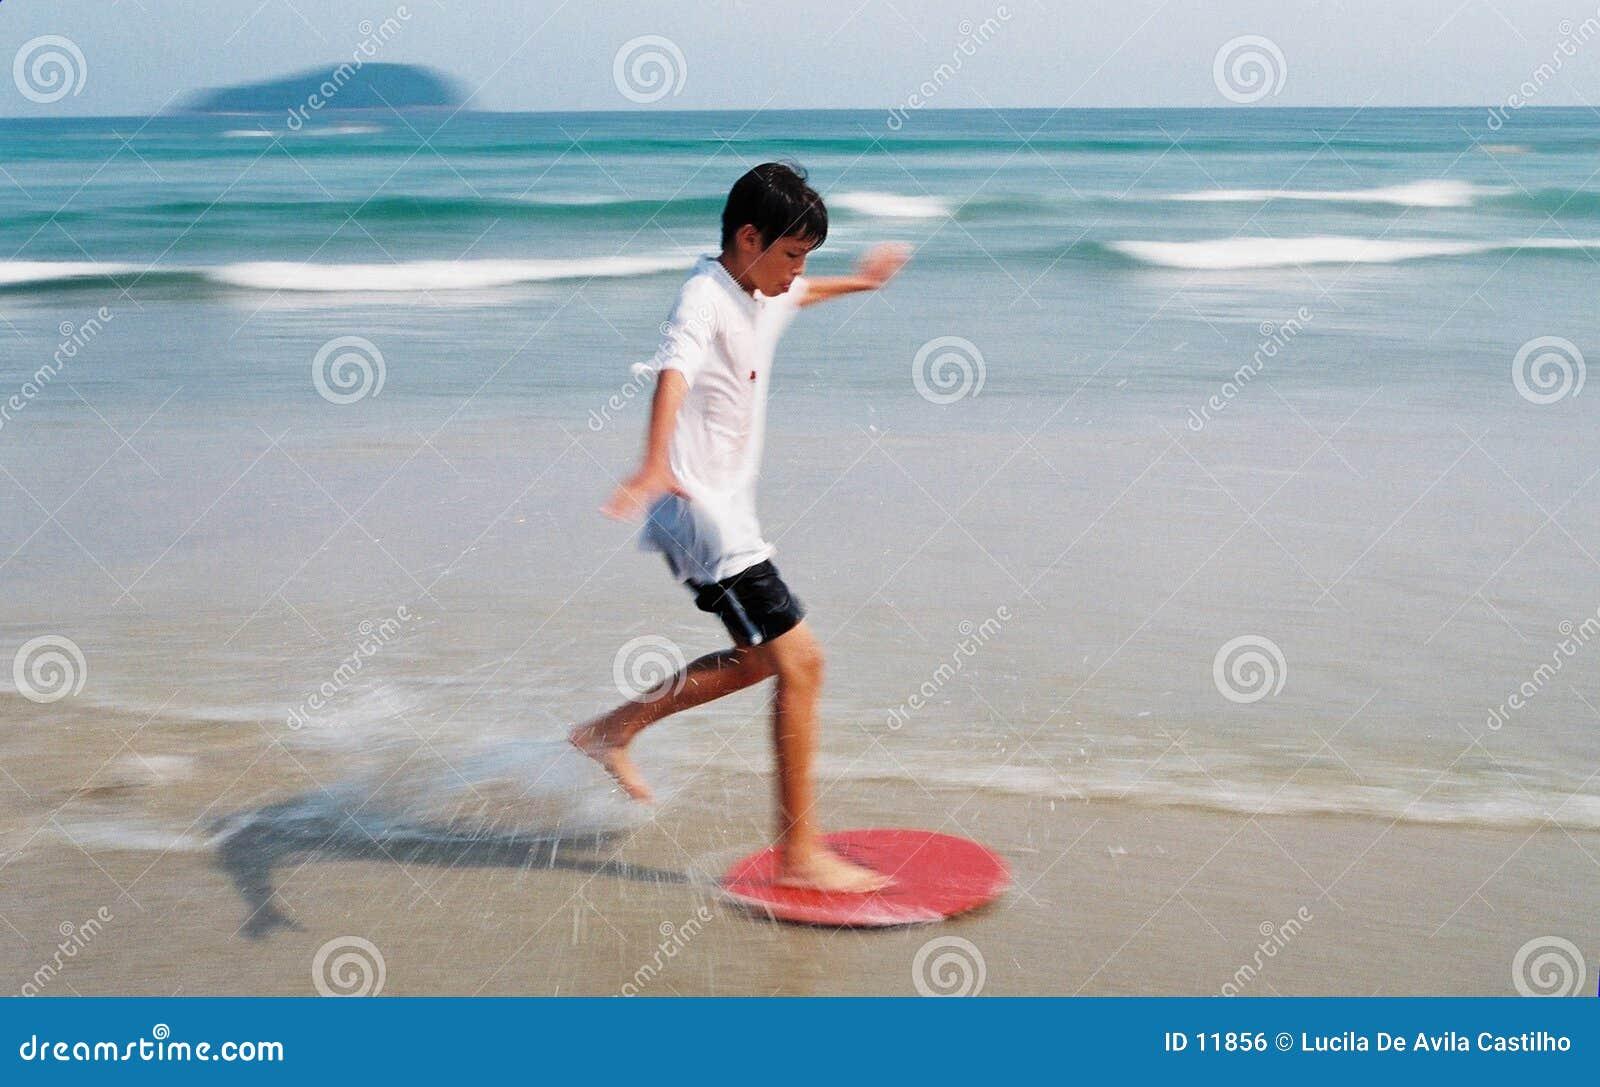 Junge, der durch Wellen surft